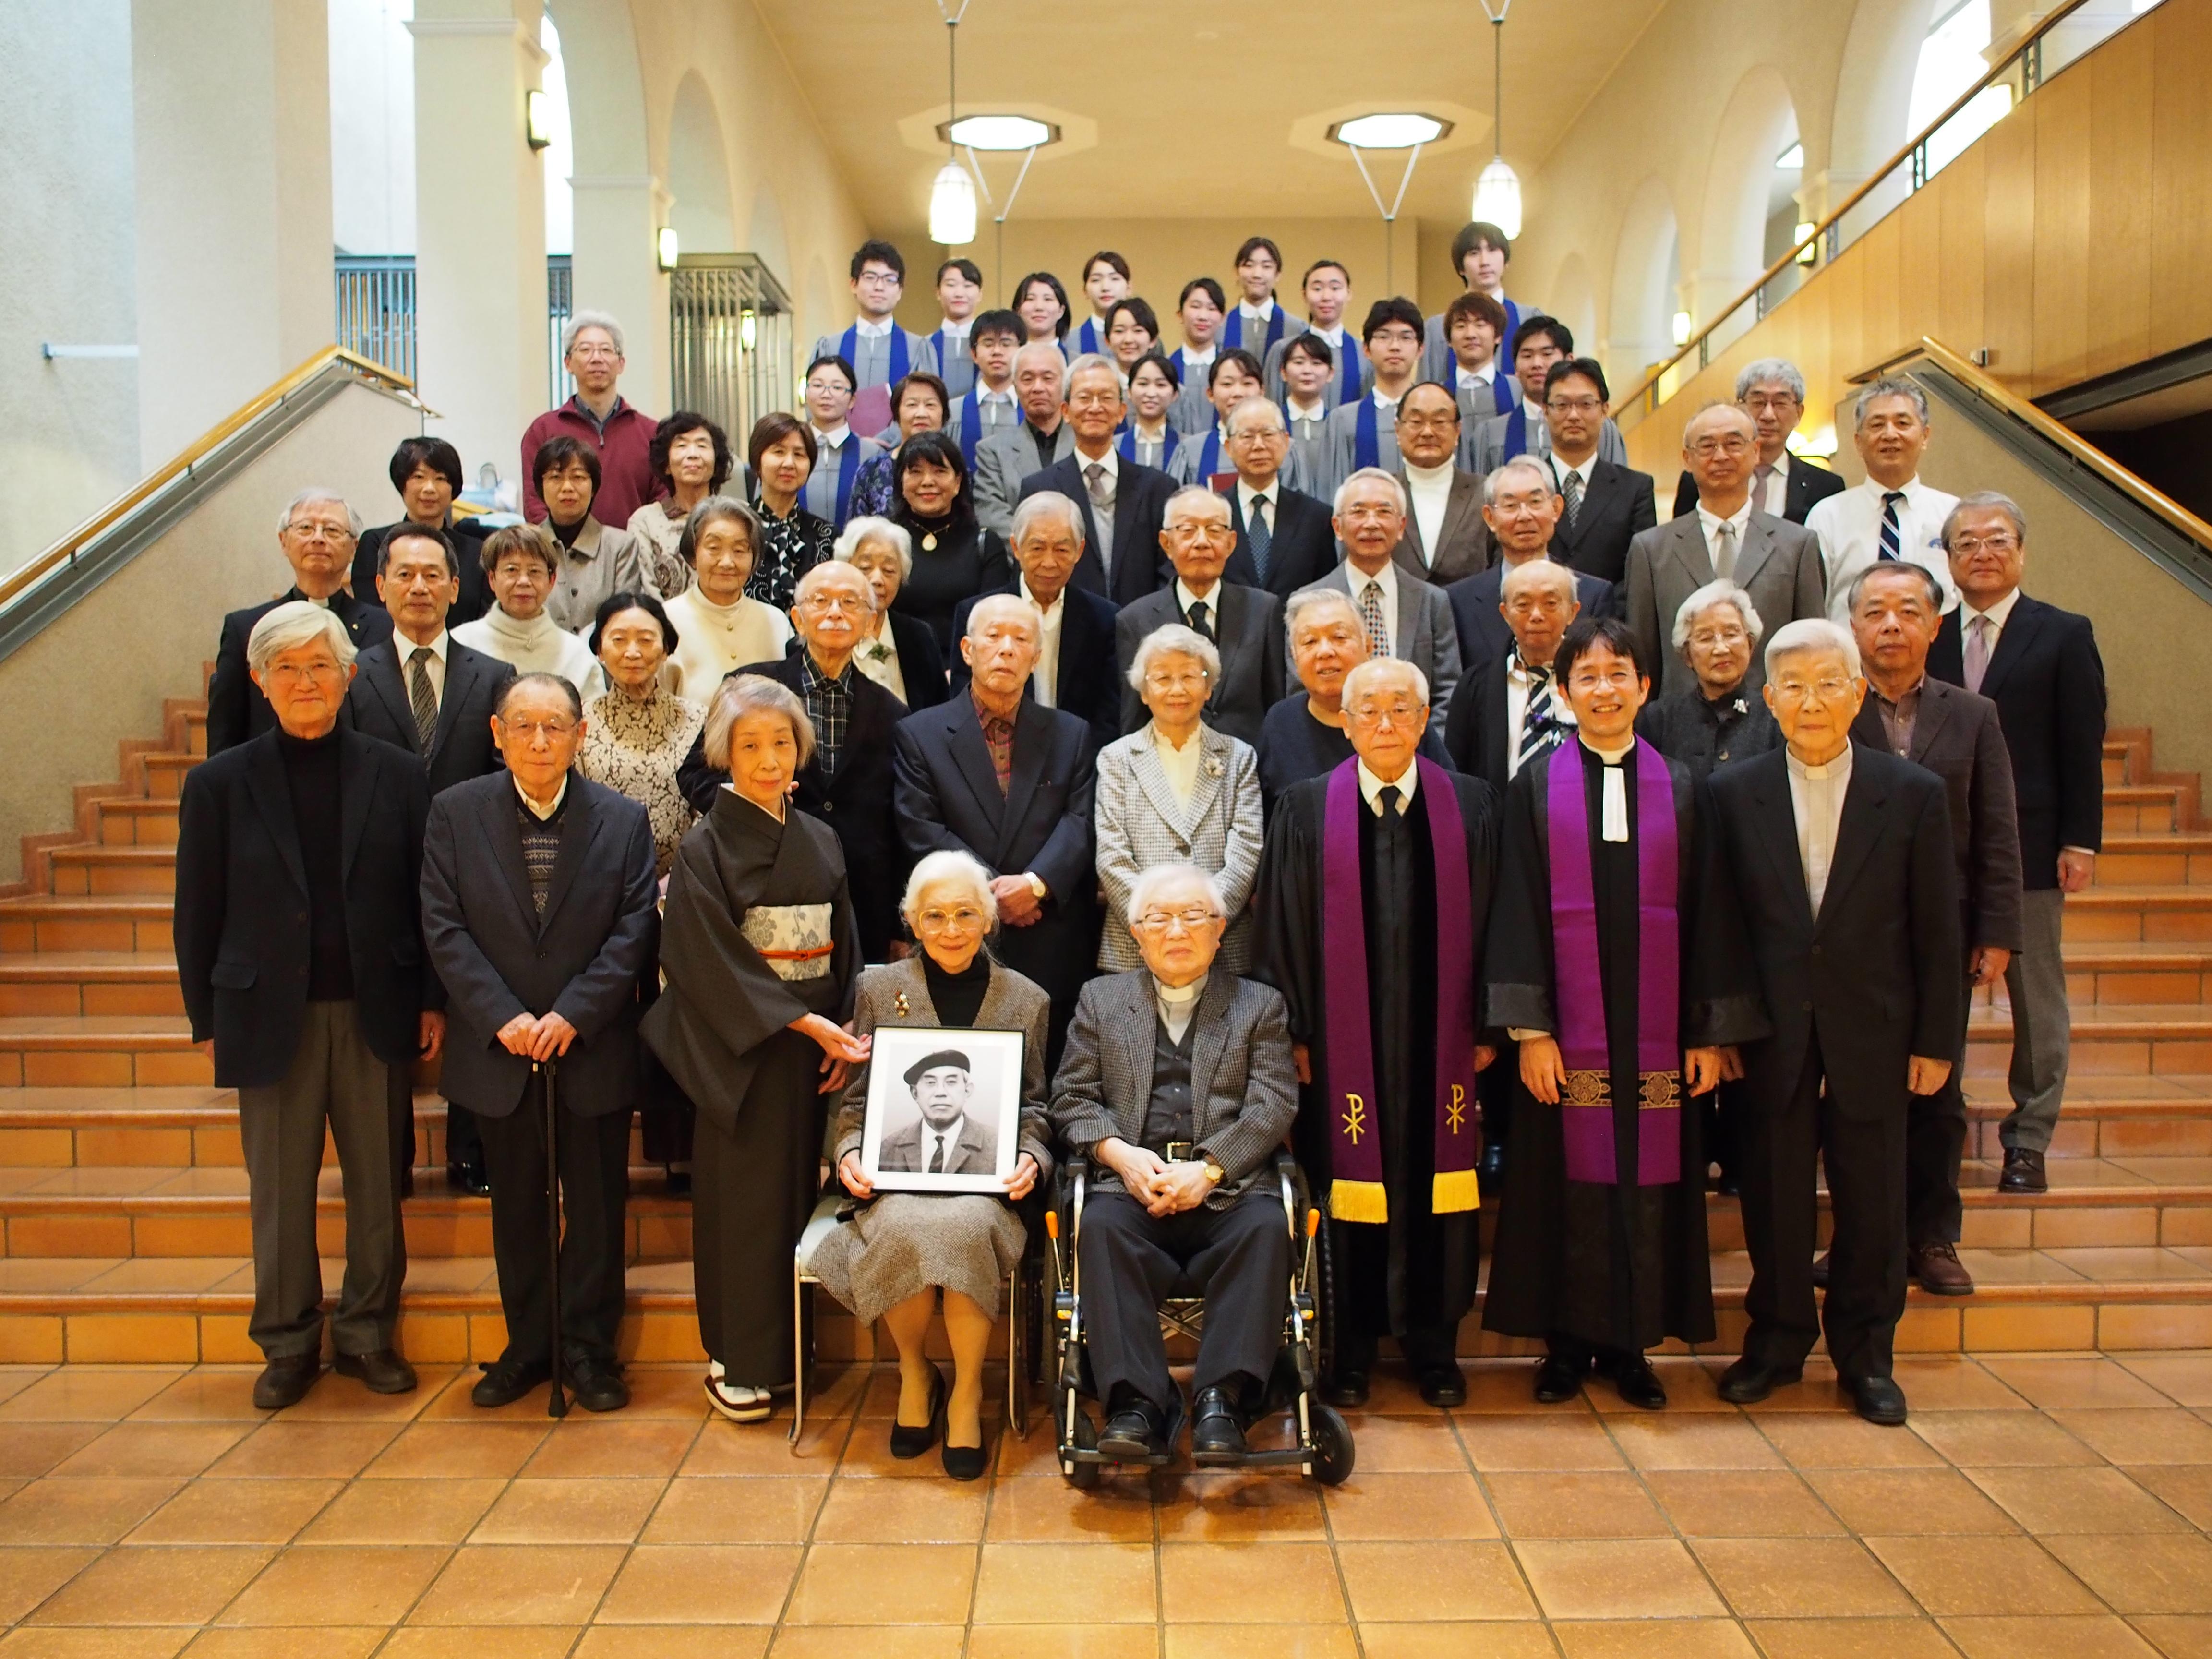 唱歓会(関西学院聖歌隊OB会)総会